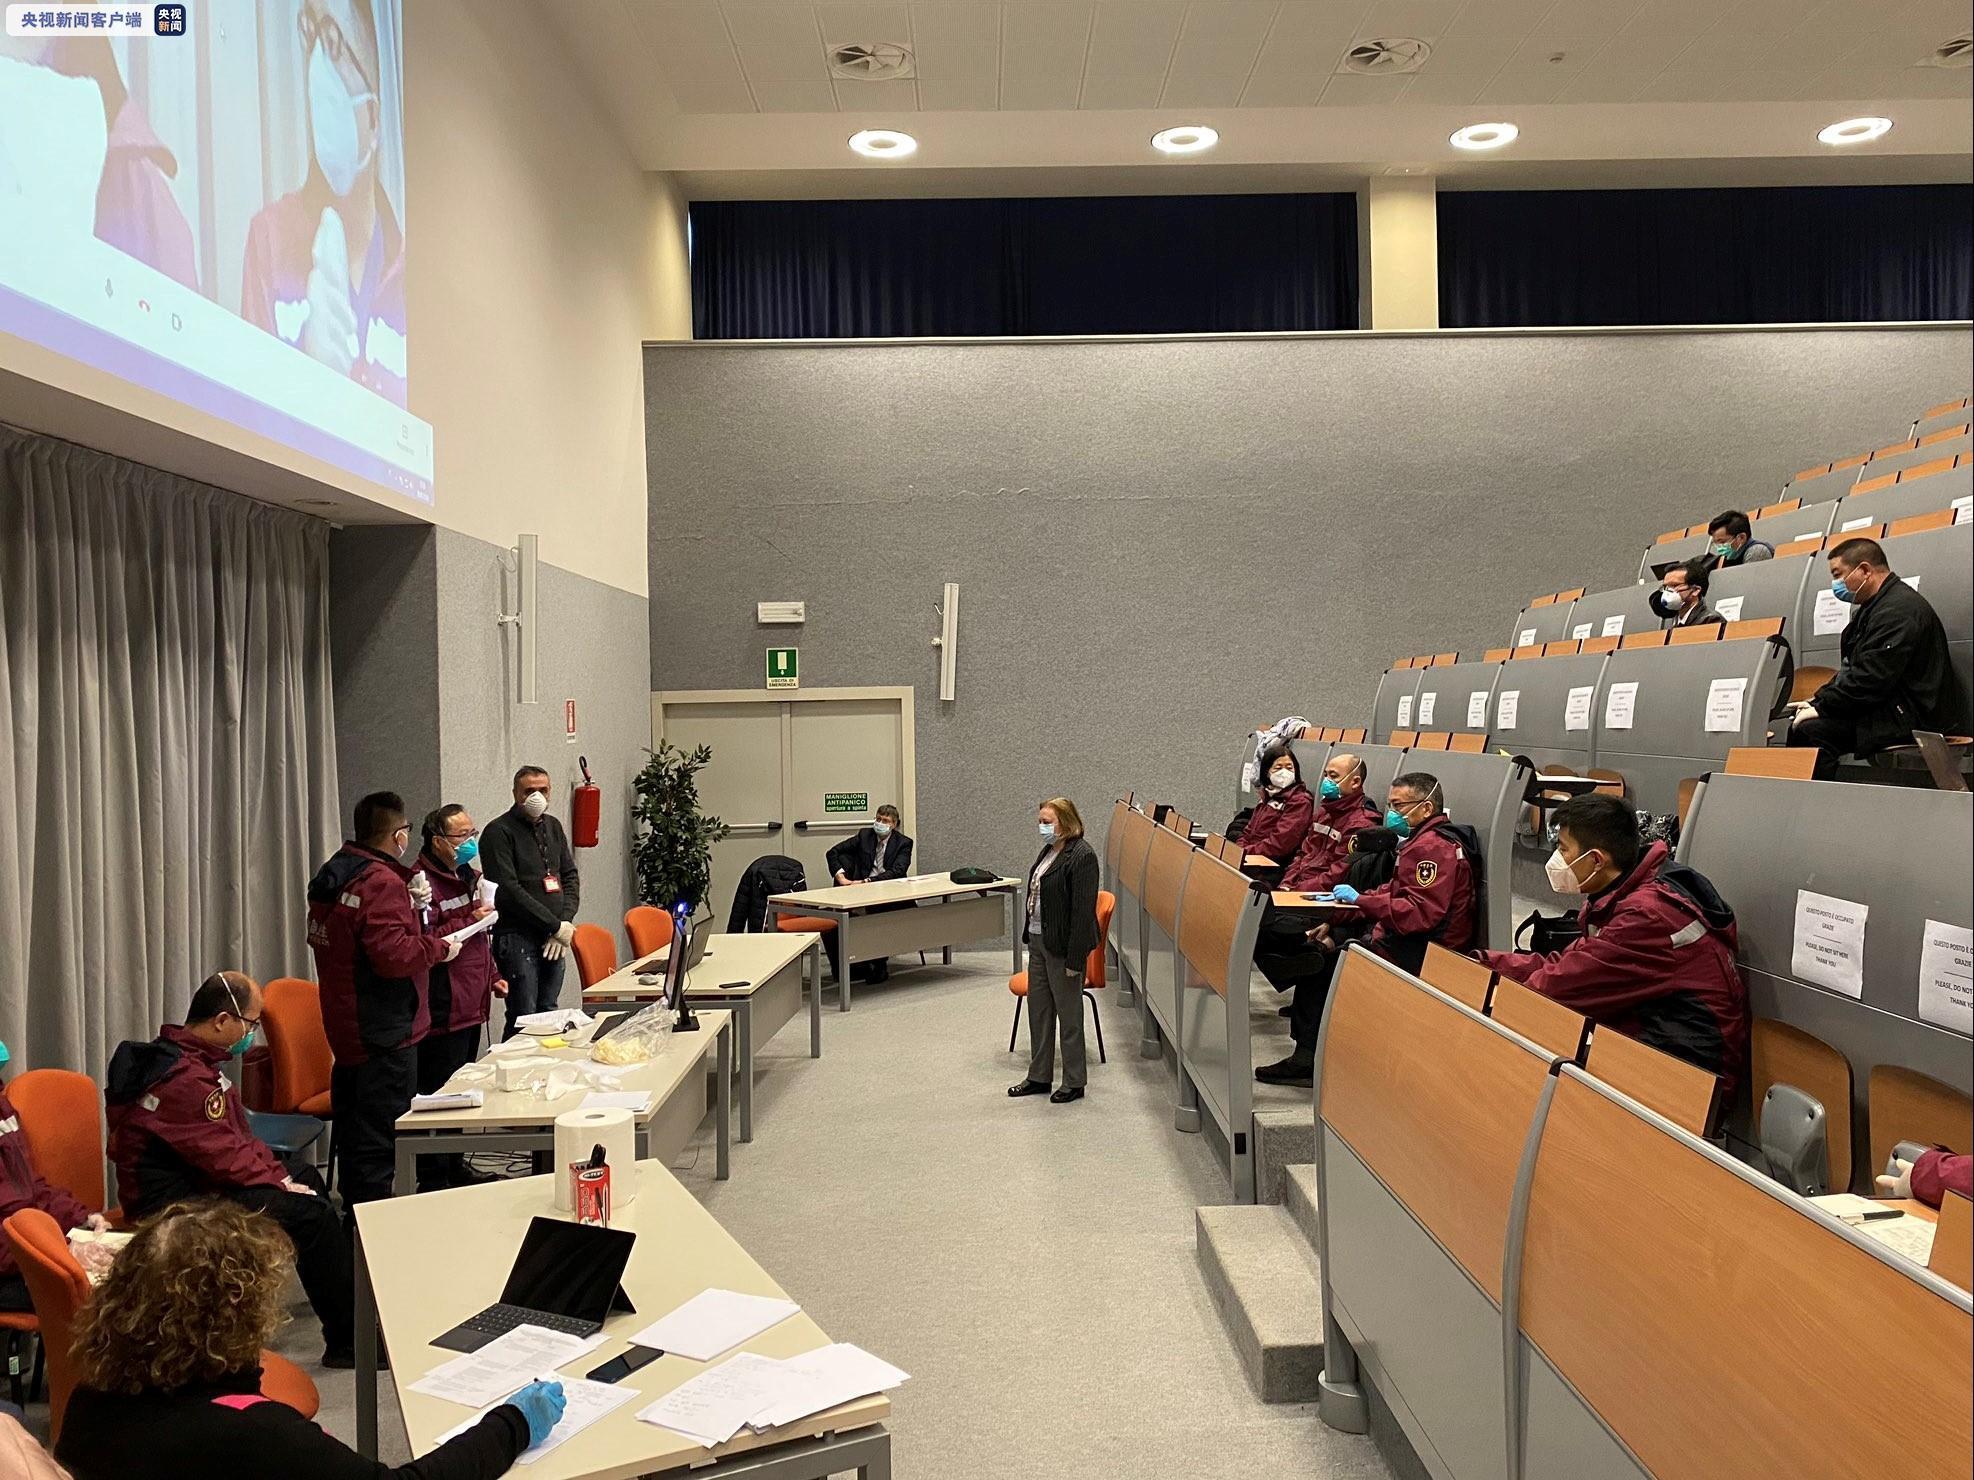 中国赴意大利抗疫医疗专家组与托斯卡纳44家卫生医疗机构开展经验交流_中欧新闻_欧洲中文网